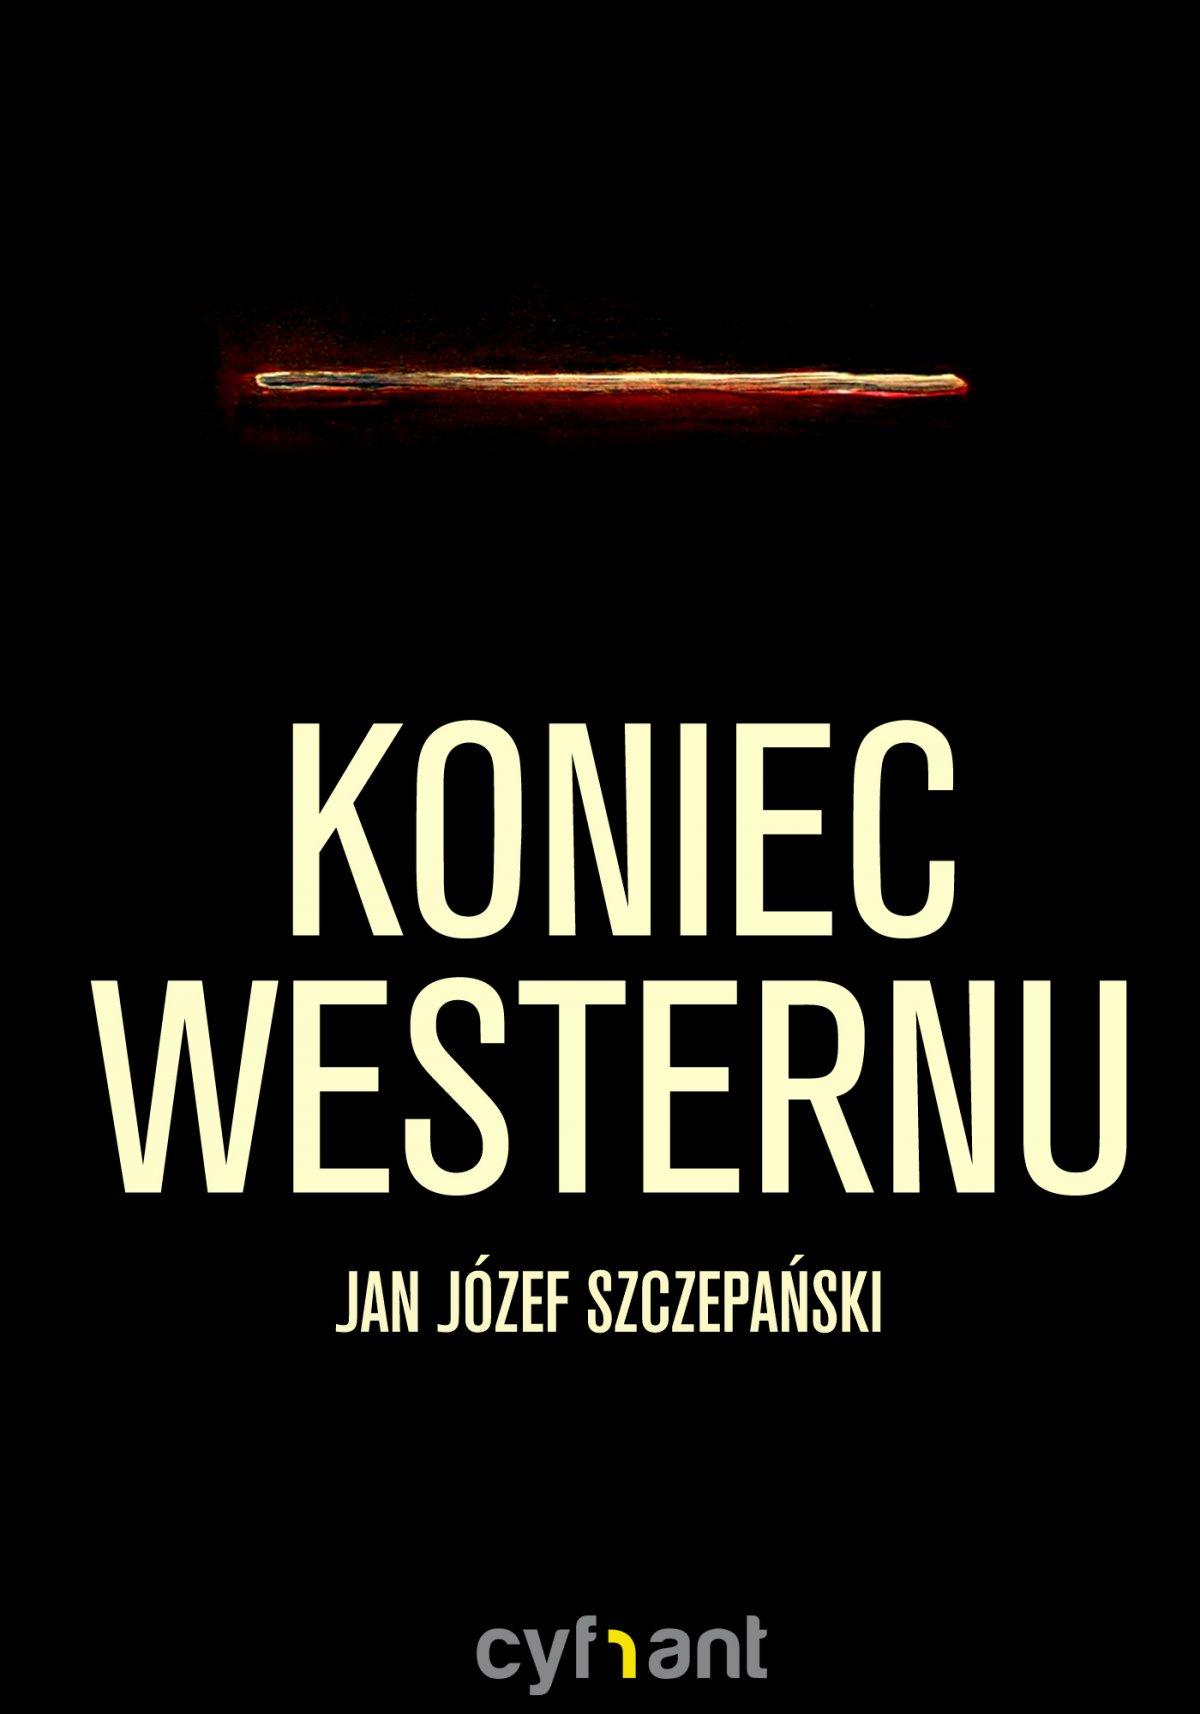 Koniec westernu - Ebook (Książka na Kindle) do pobrania w formacie MOBI